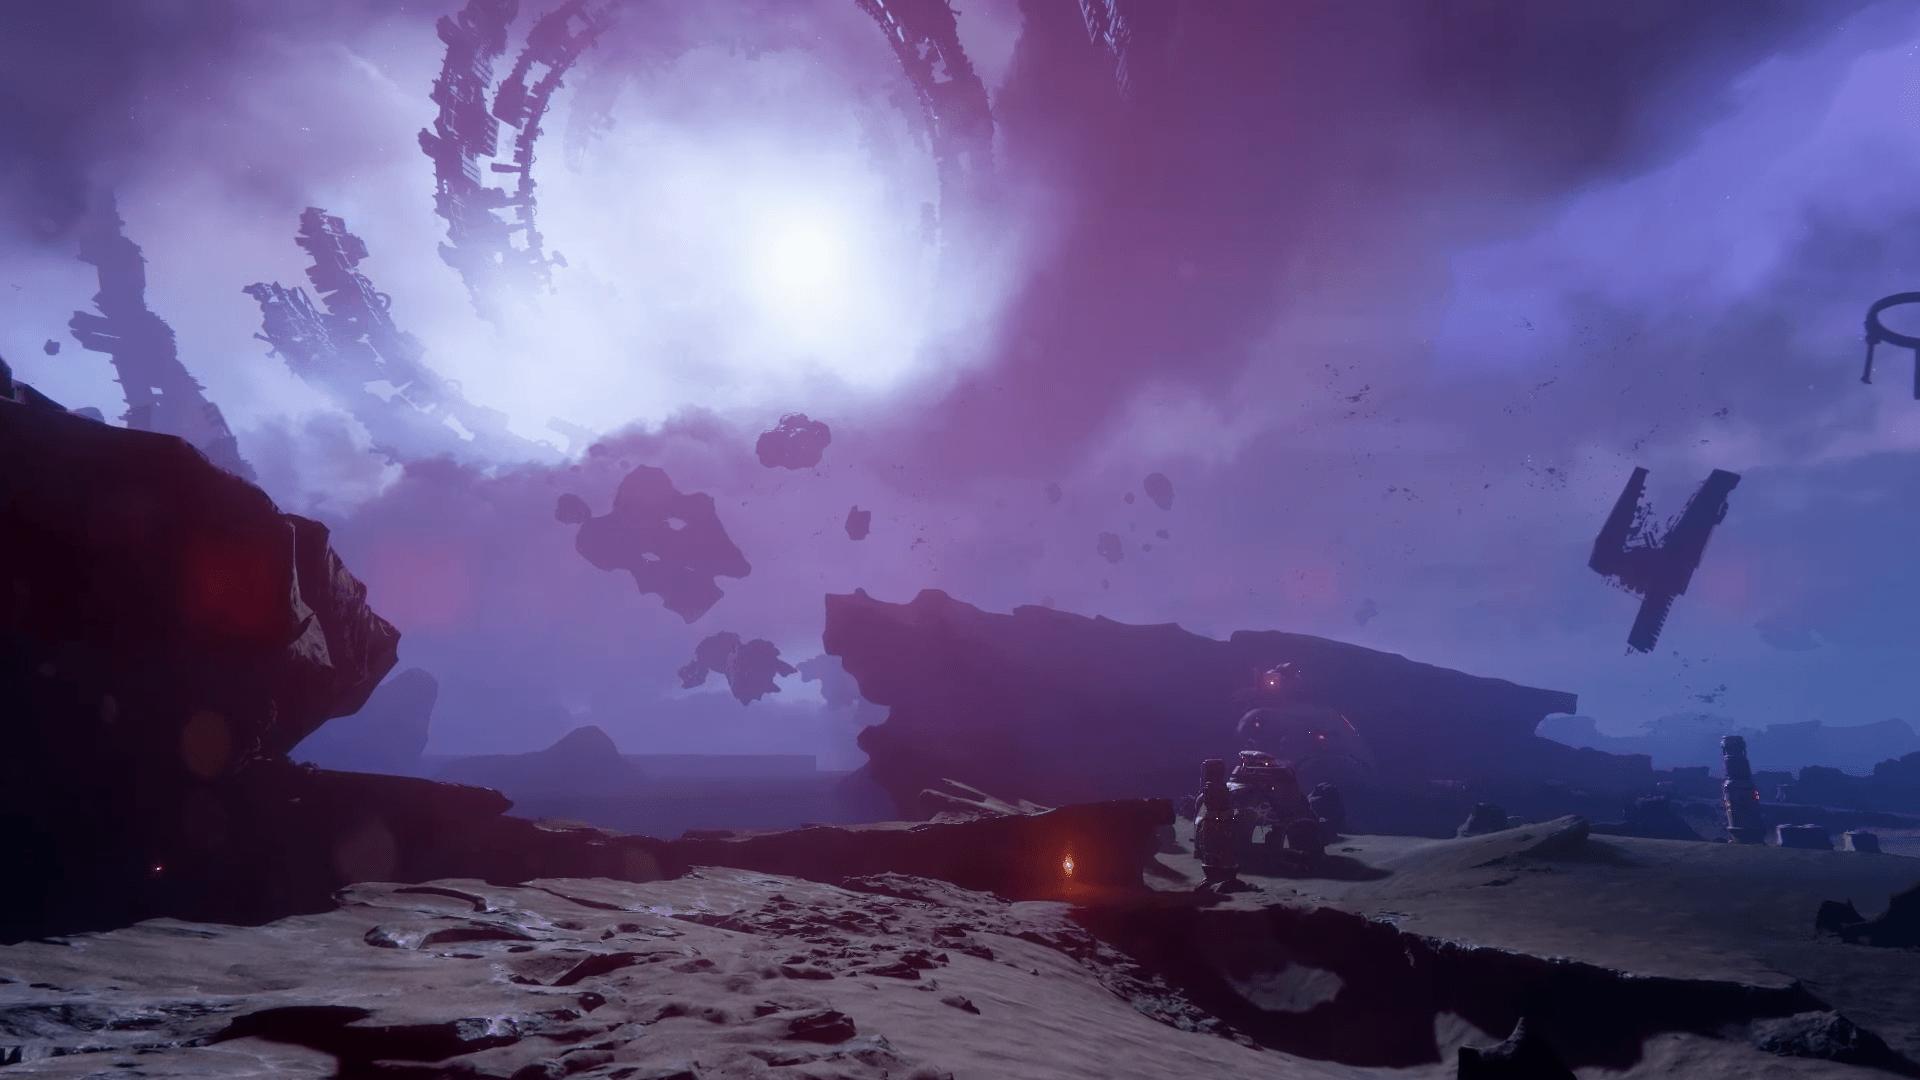 Destiny 2 Forsaken Wallpapers Wallpaper Cave